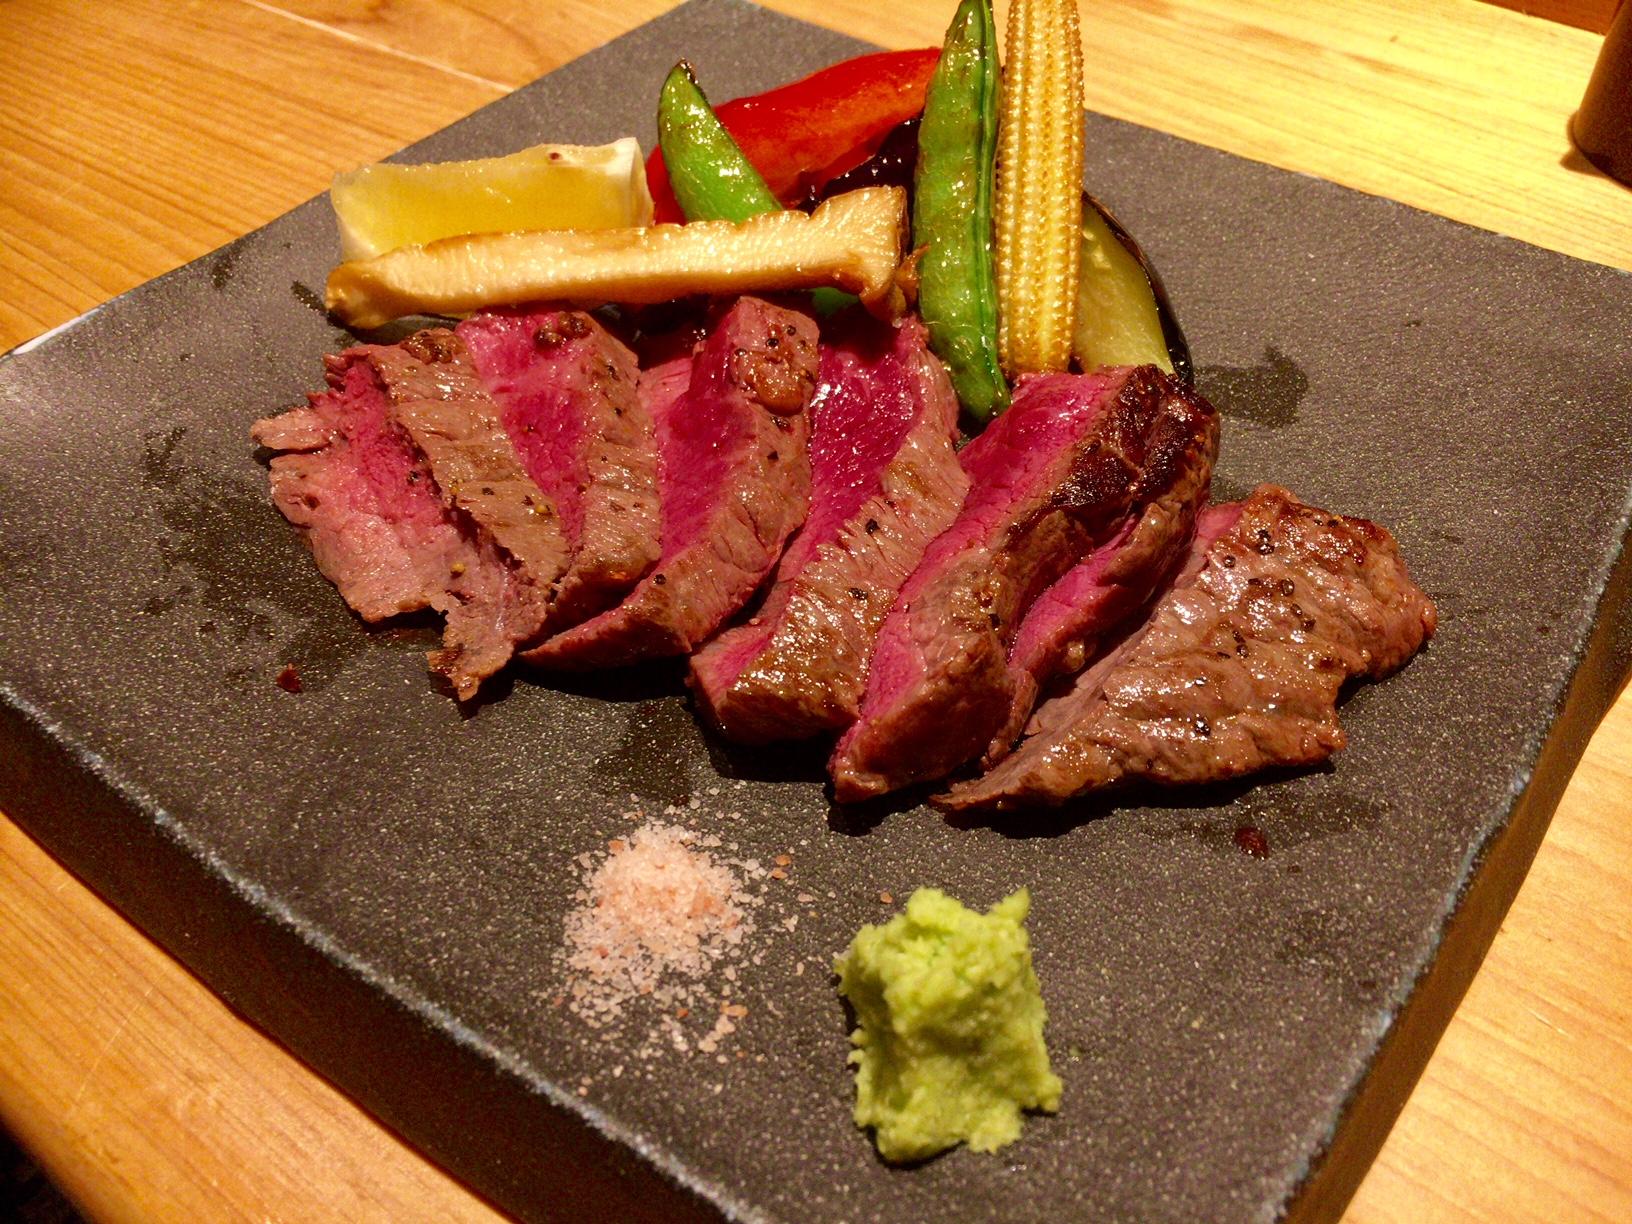 宇田川紫扇の和牛のサーロインの画像